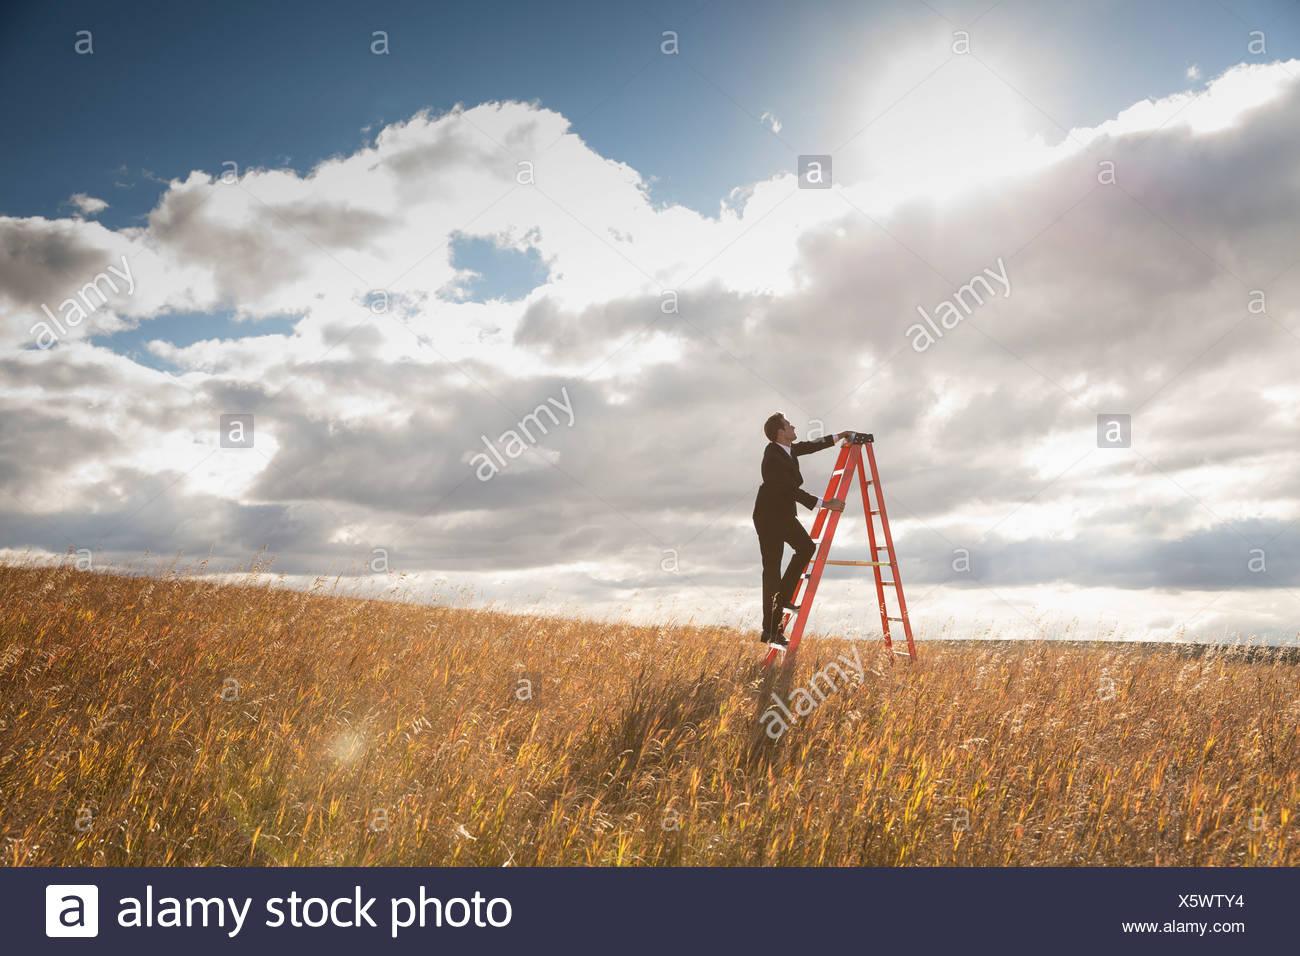 Escalade homme d'escabeau dans le champ Photo Stock